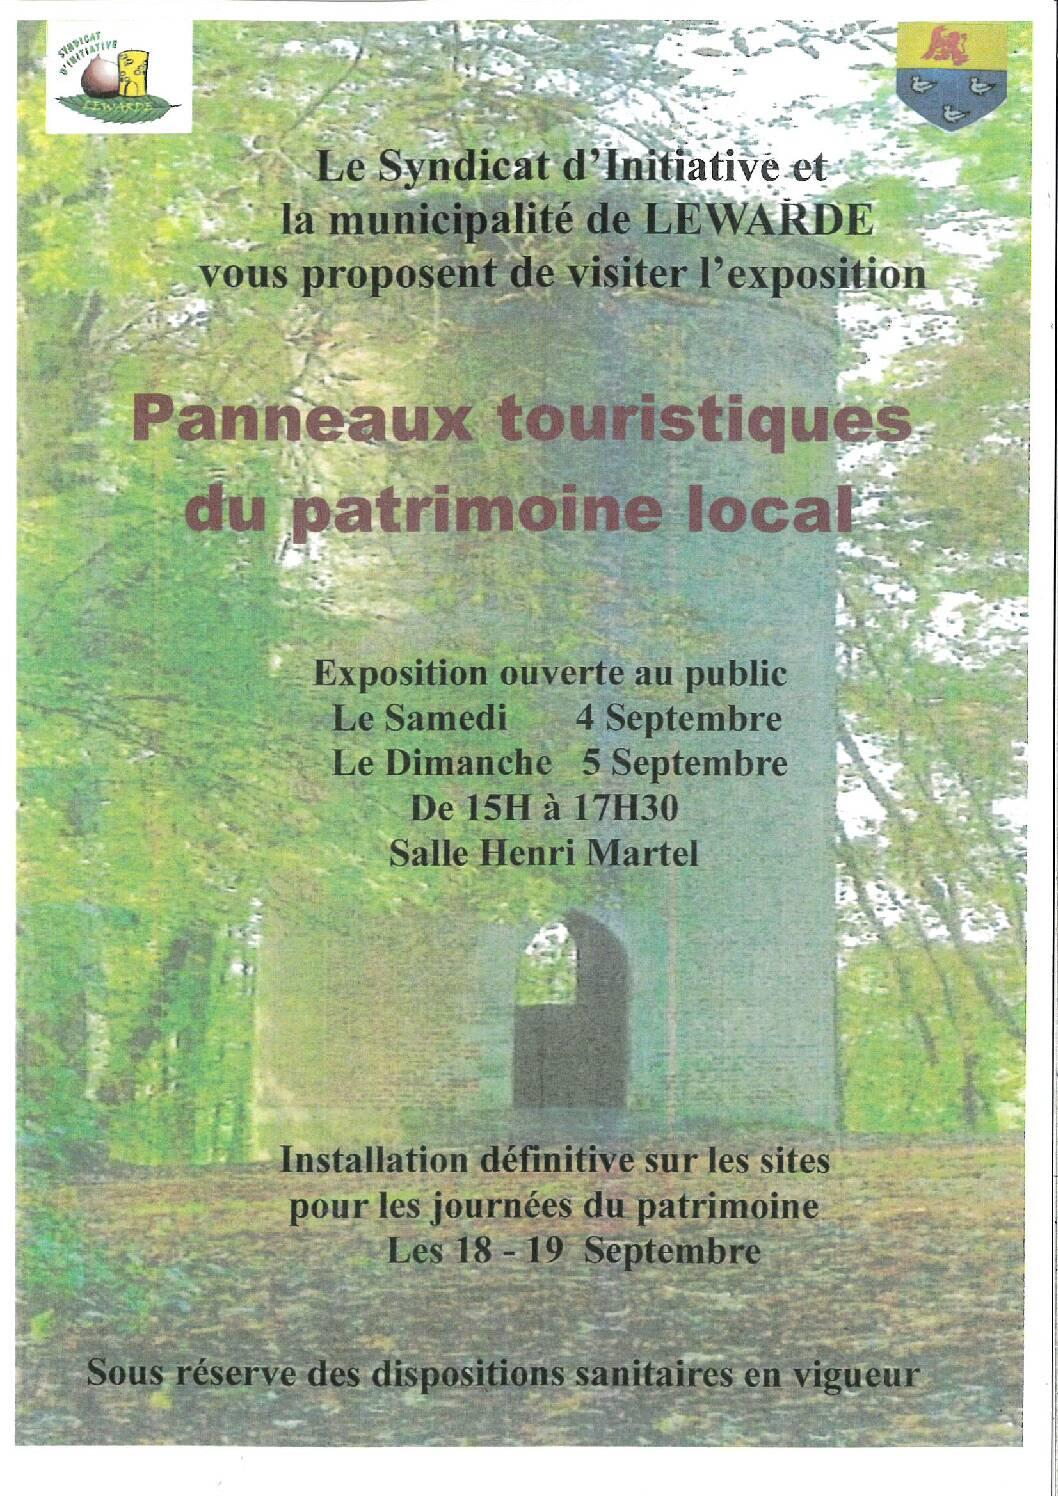 Panneaux Touristiques du Patrimoine Local